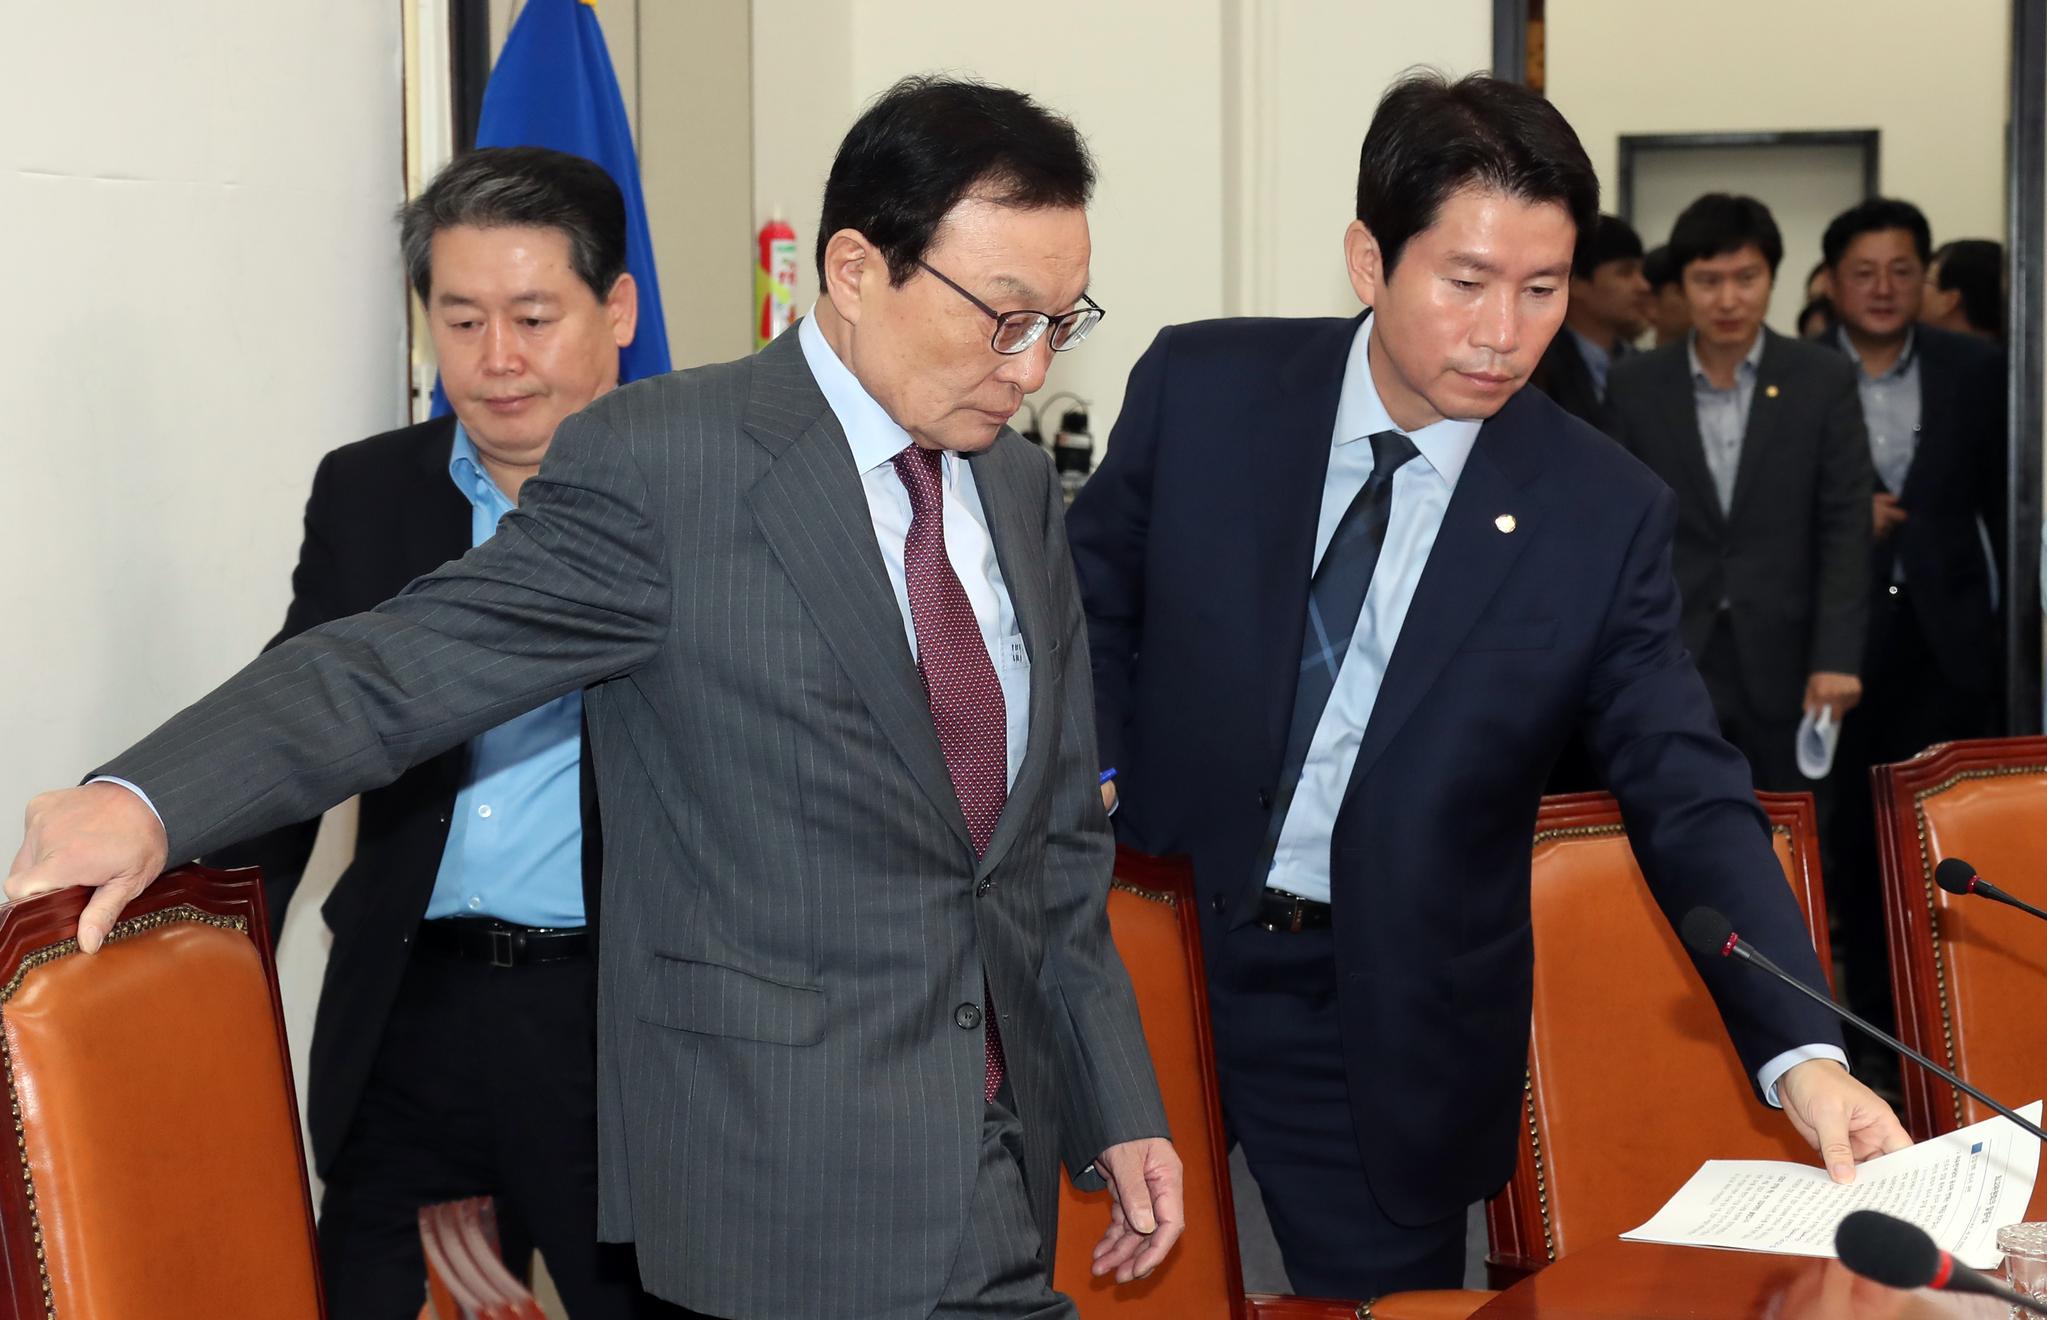 더불어민주당 최고위원회의가 16일 오전 국회에서 열렸다. 이해찬 대표, 이인영 원내대표(왼쪽 둘째부터)가 회의에 참석하고 있다. 변선구 기자